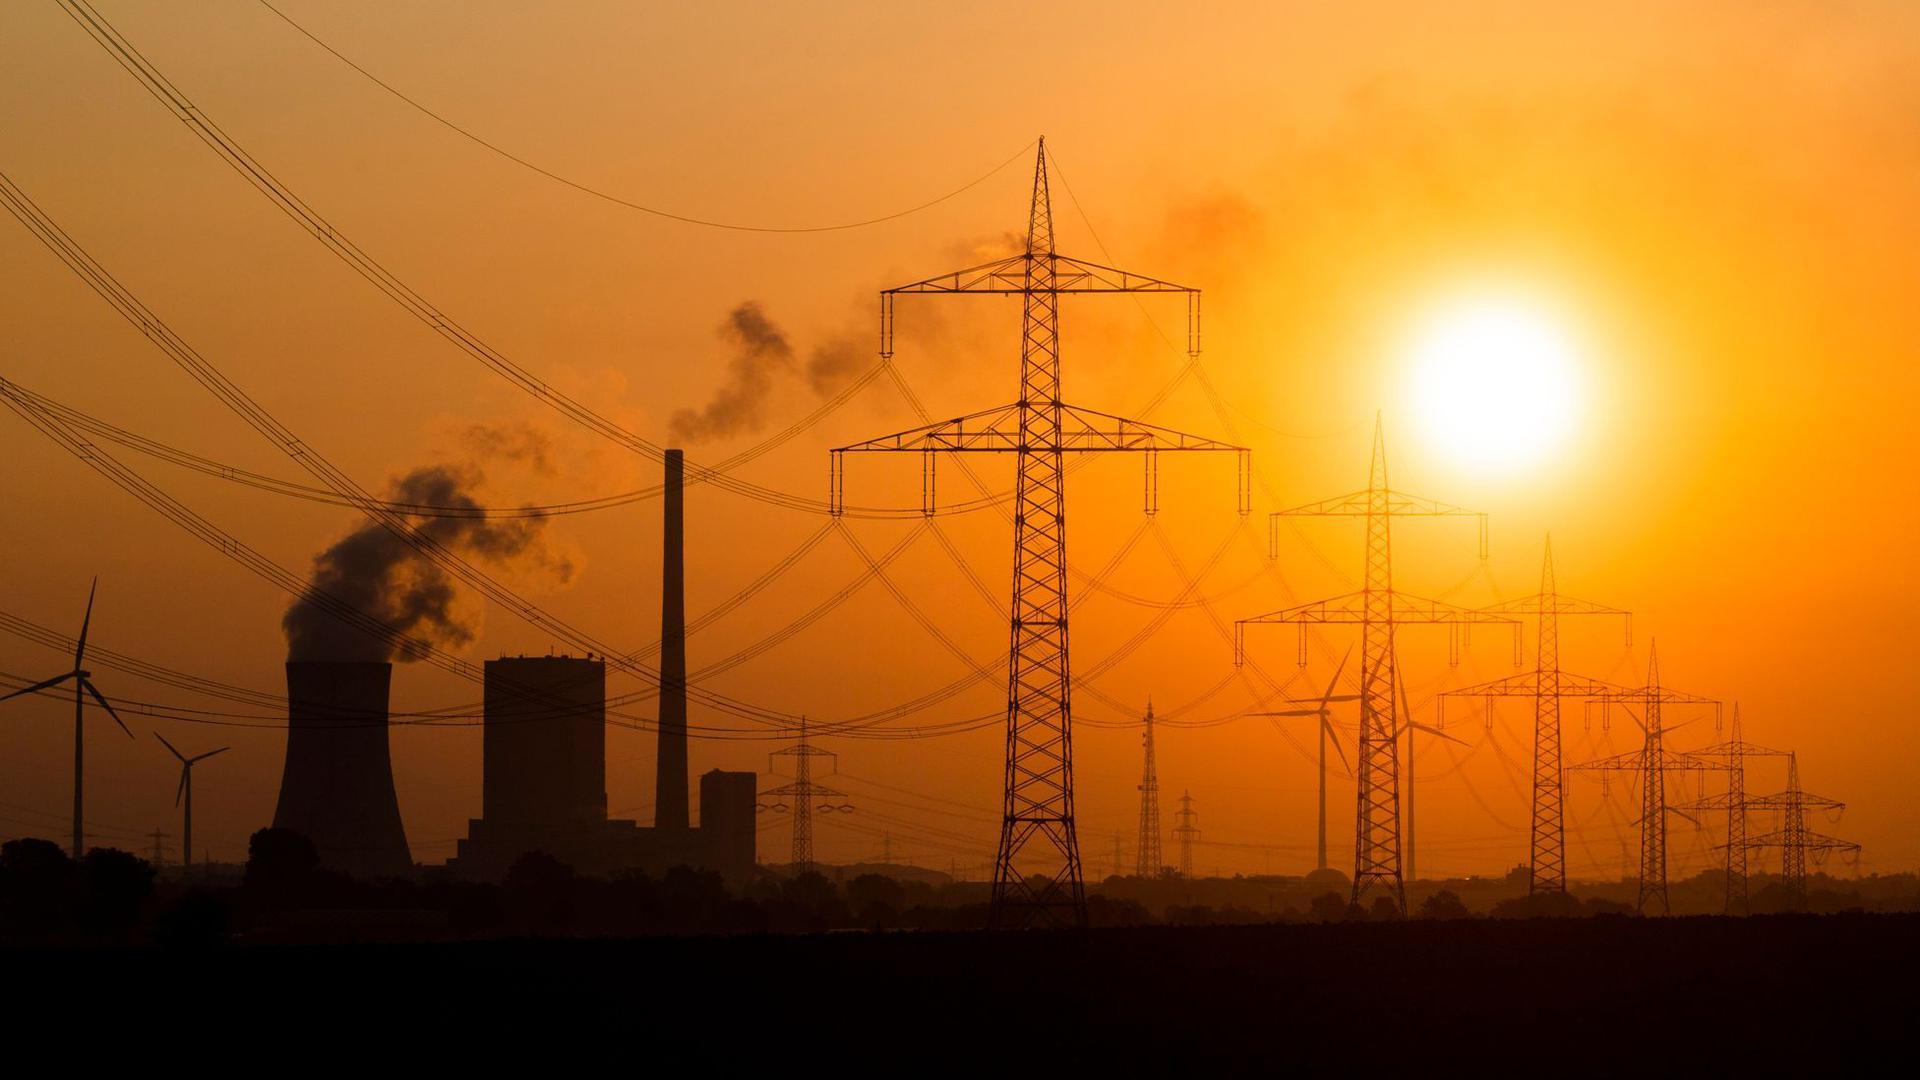 Insgesamt wurden von Januar bis einschließlich März in Deutschland 138,2 Milliarden Kilowattstunden Strom erzeugt und ins Netz eingespeist.